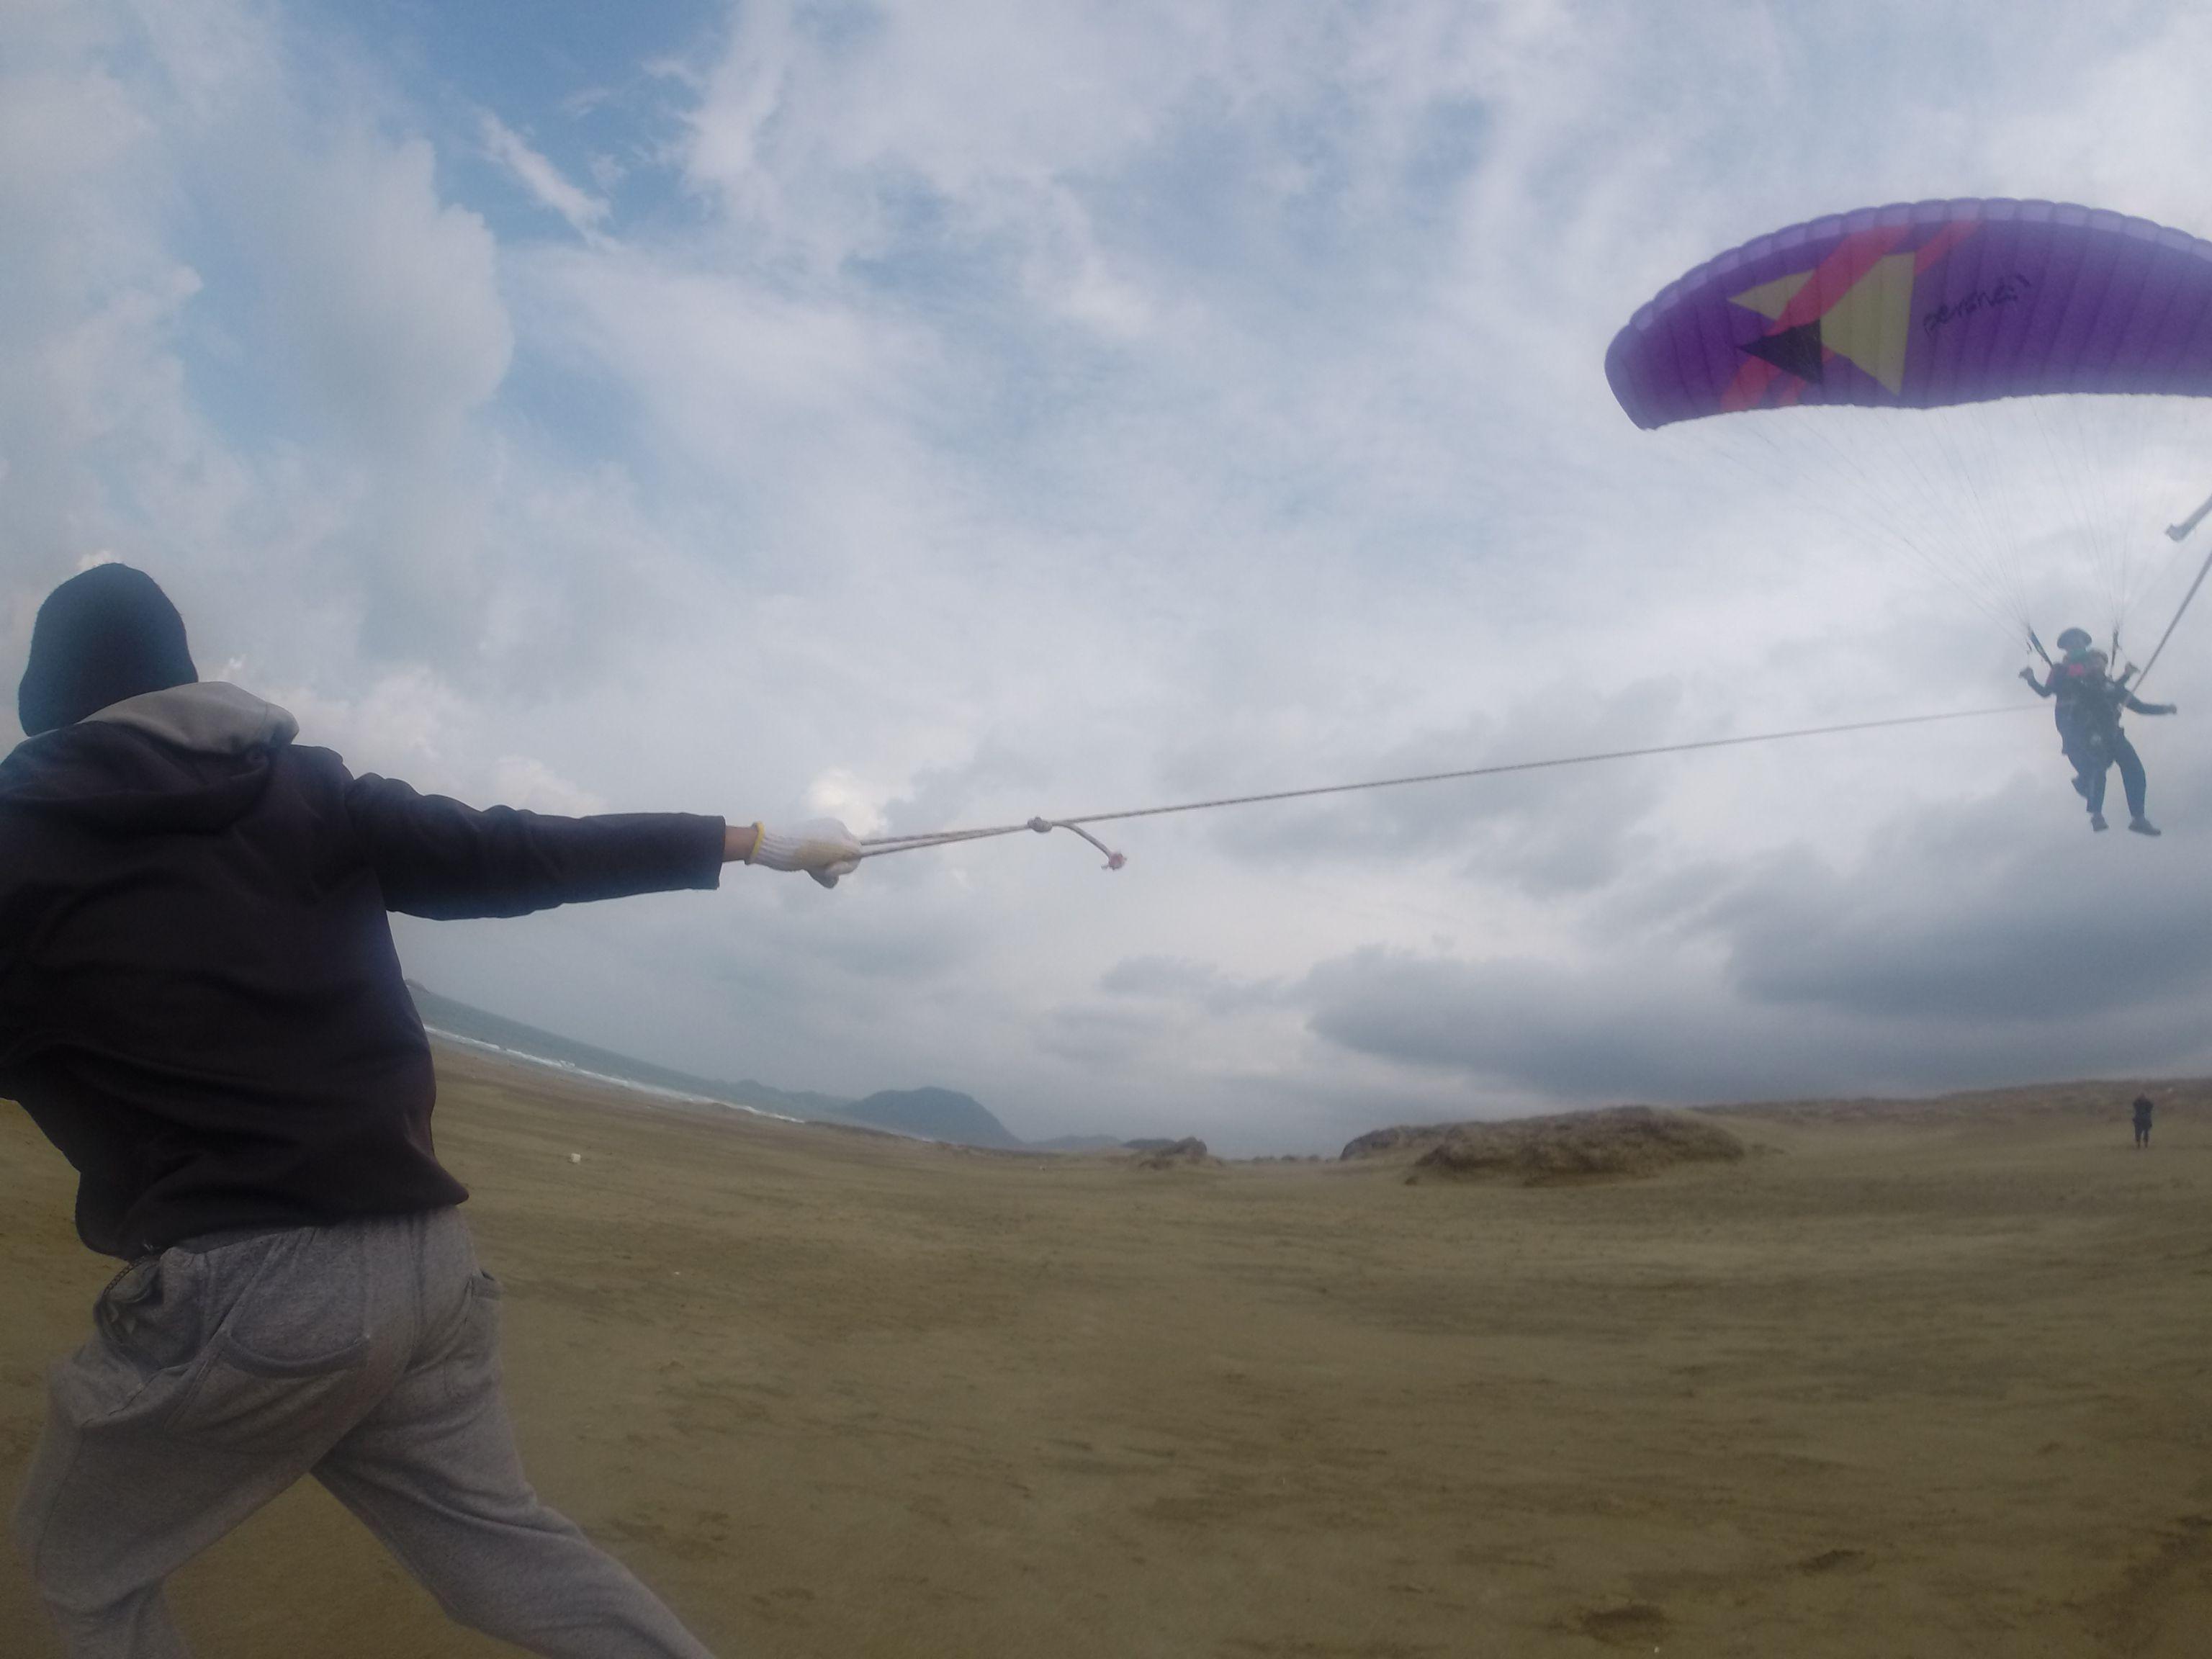 風が強くなったところを見計らって、タンデムフライトで